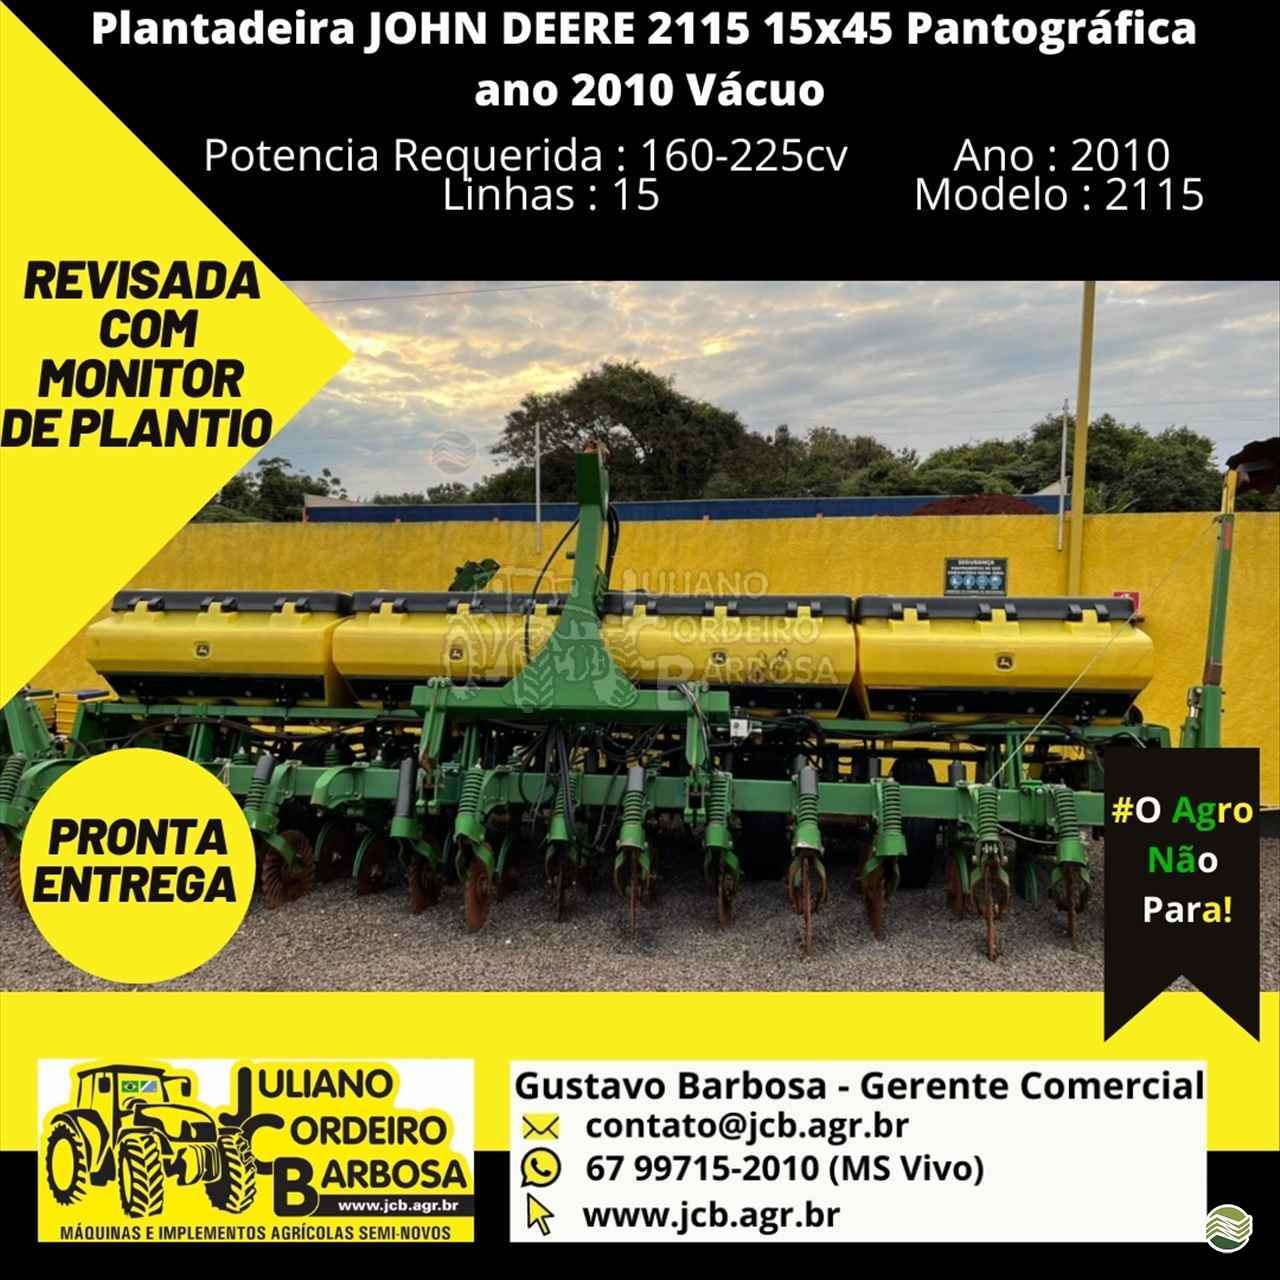 PLANTADEIRA JOHN DEERE PLANTADEIRAS 2115 JCB Máquinas e Implementos Agrícolas MARACAJU MATO GROSSO DO SUL MS